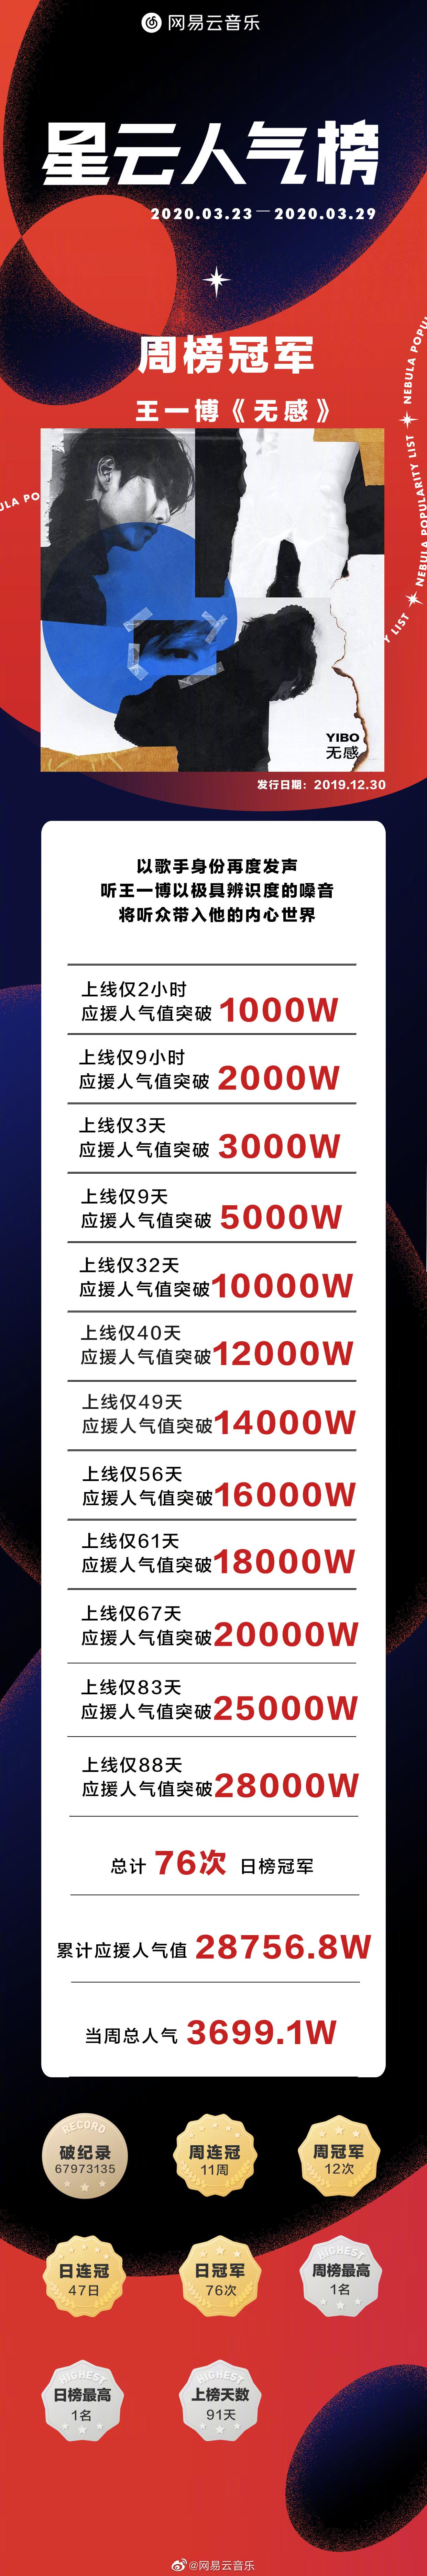 [新闻]200331 星云人气榜3.23-3.29周冠军揭晓 《无感》连续12周获得周榜top1